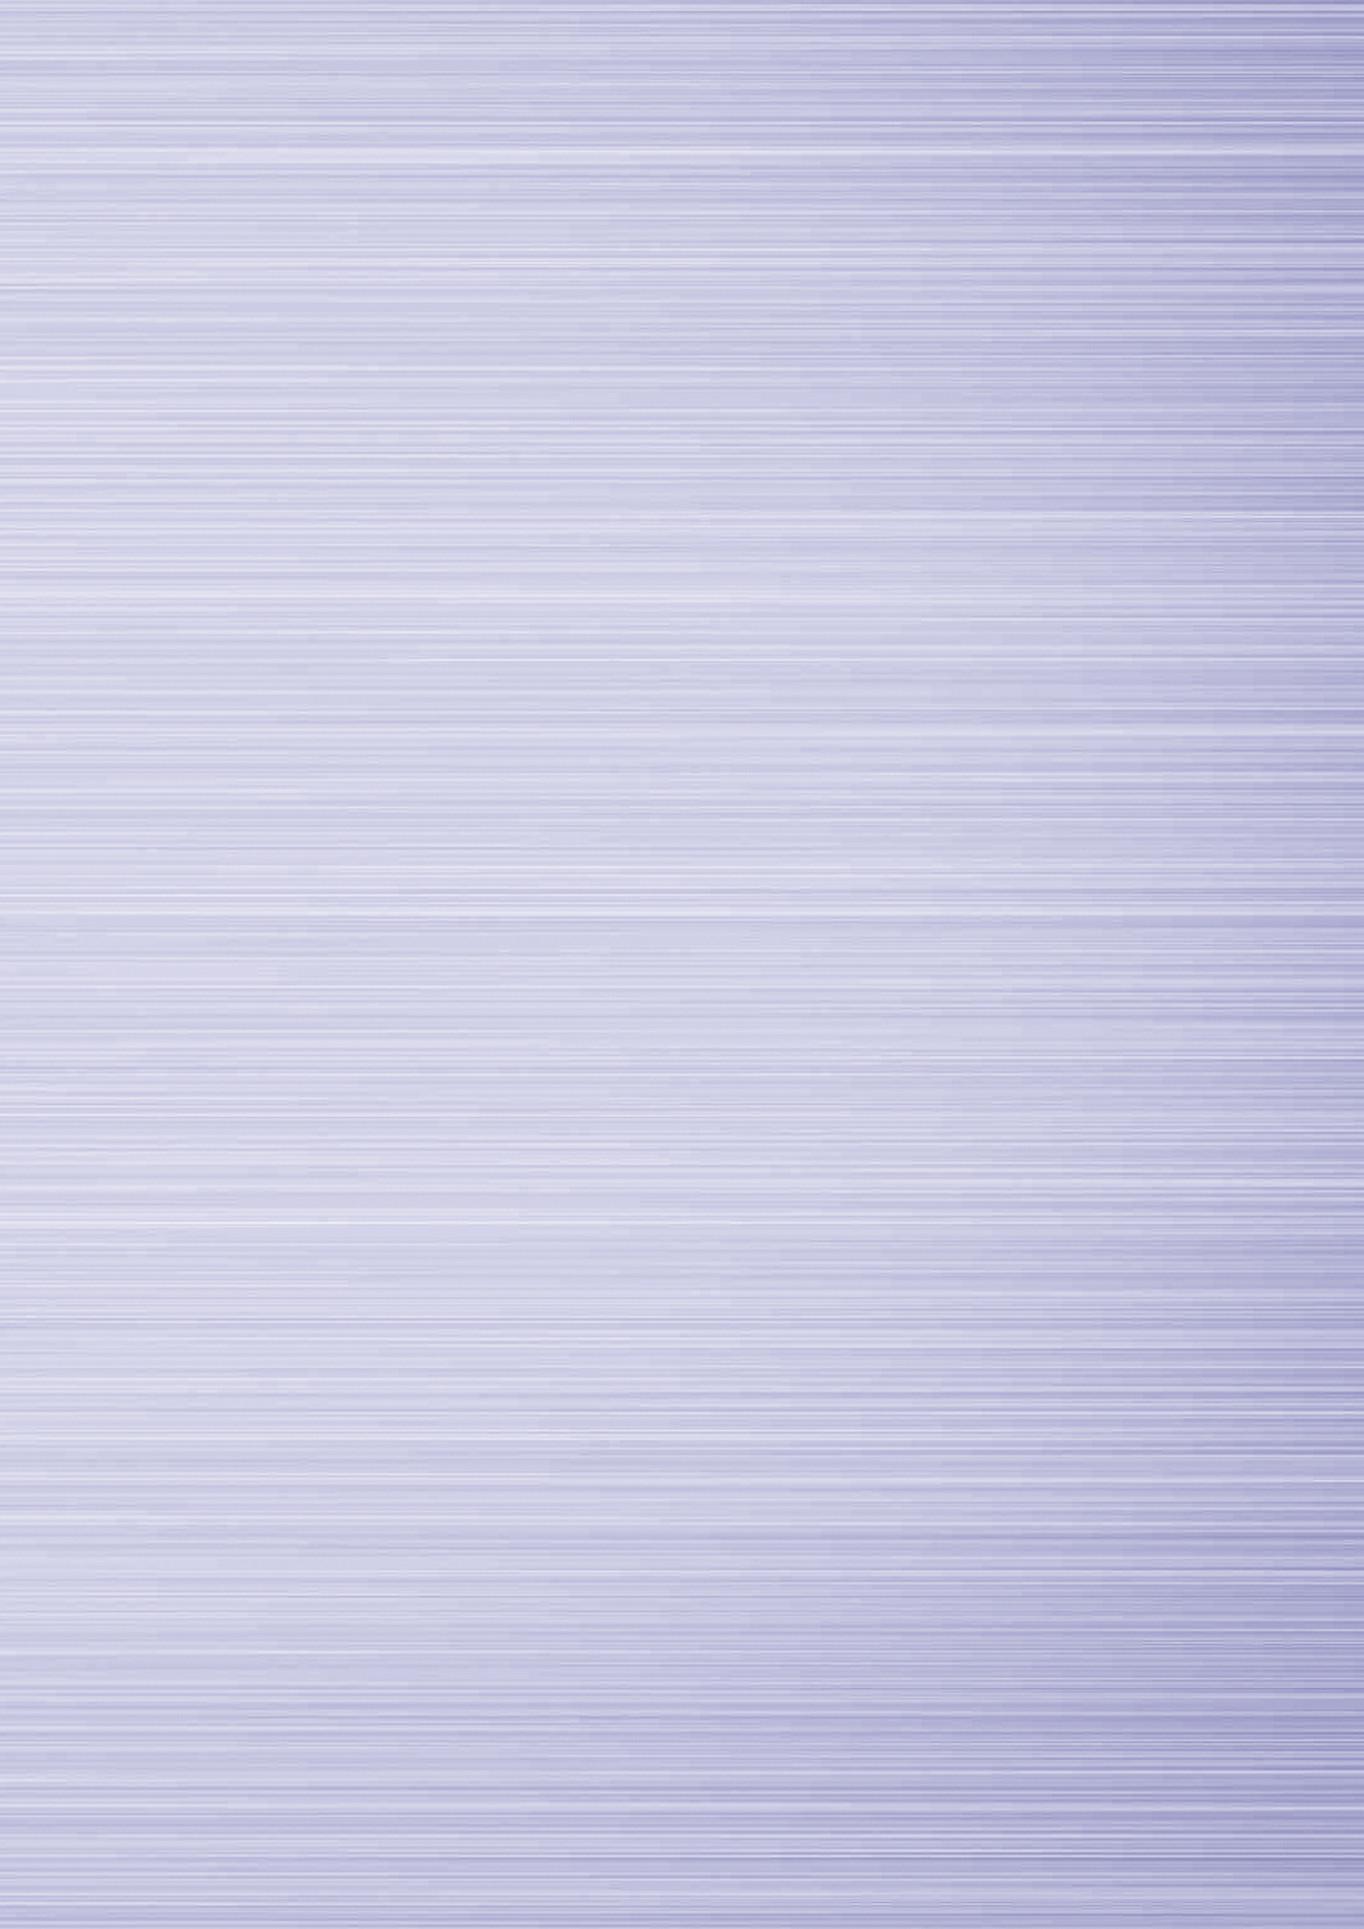 fondo azul placas acrilicas.jpg